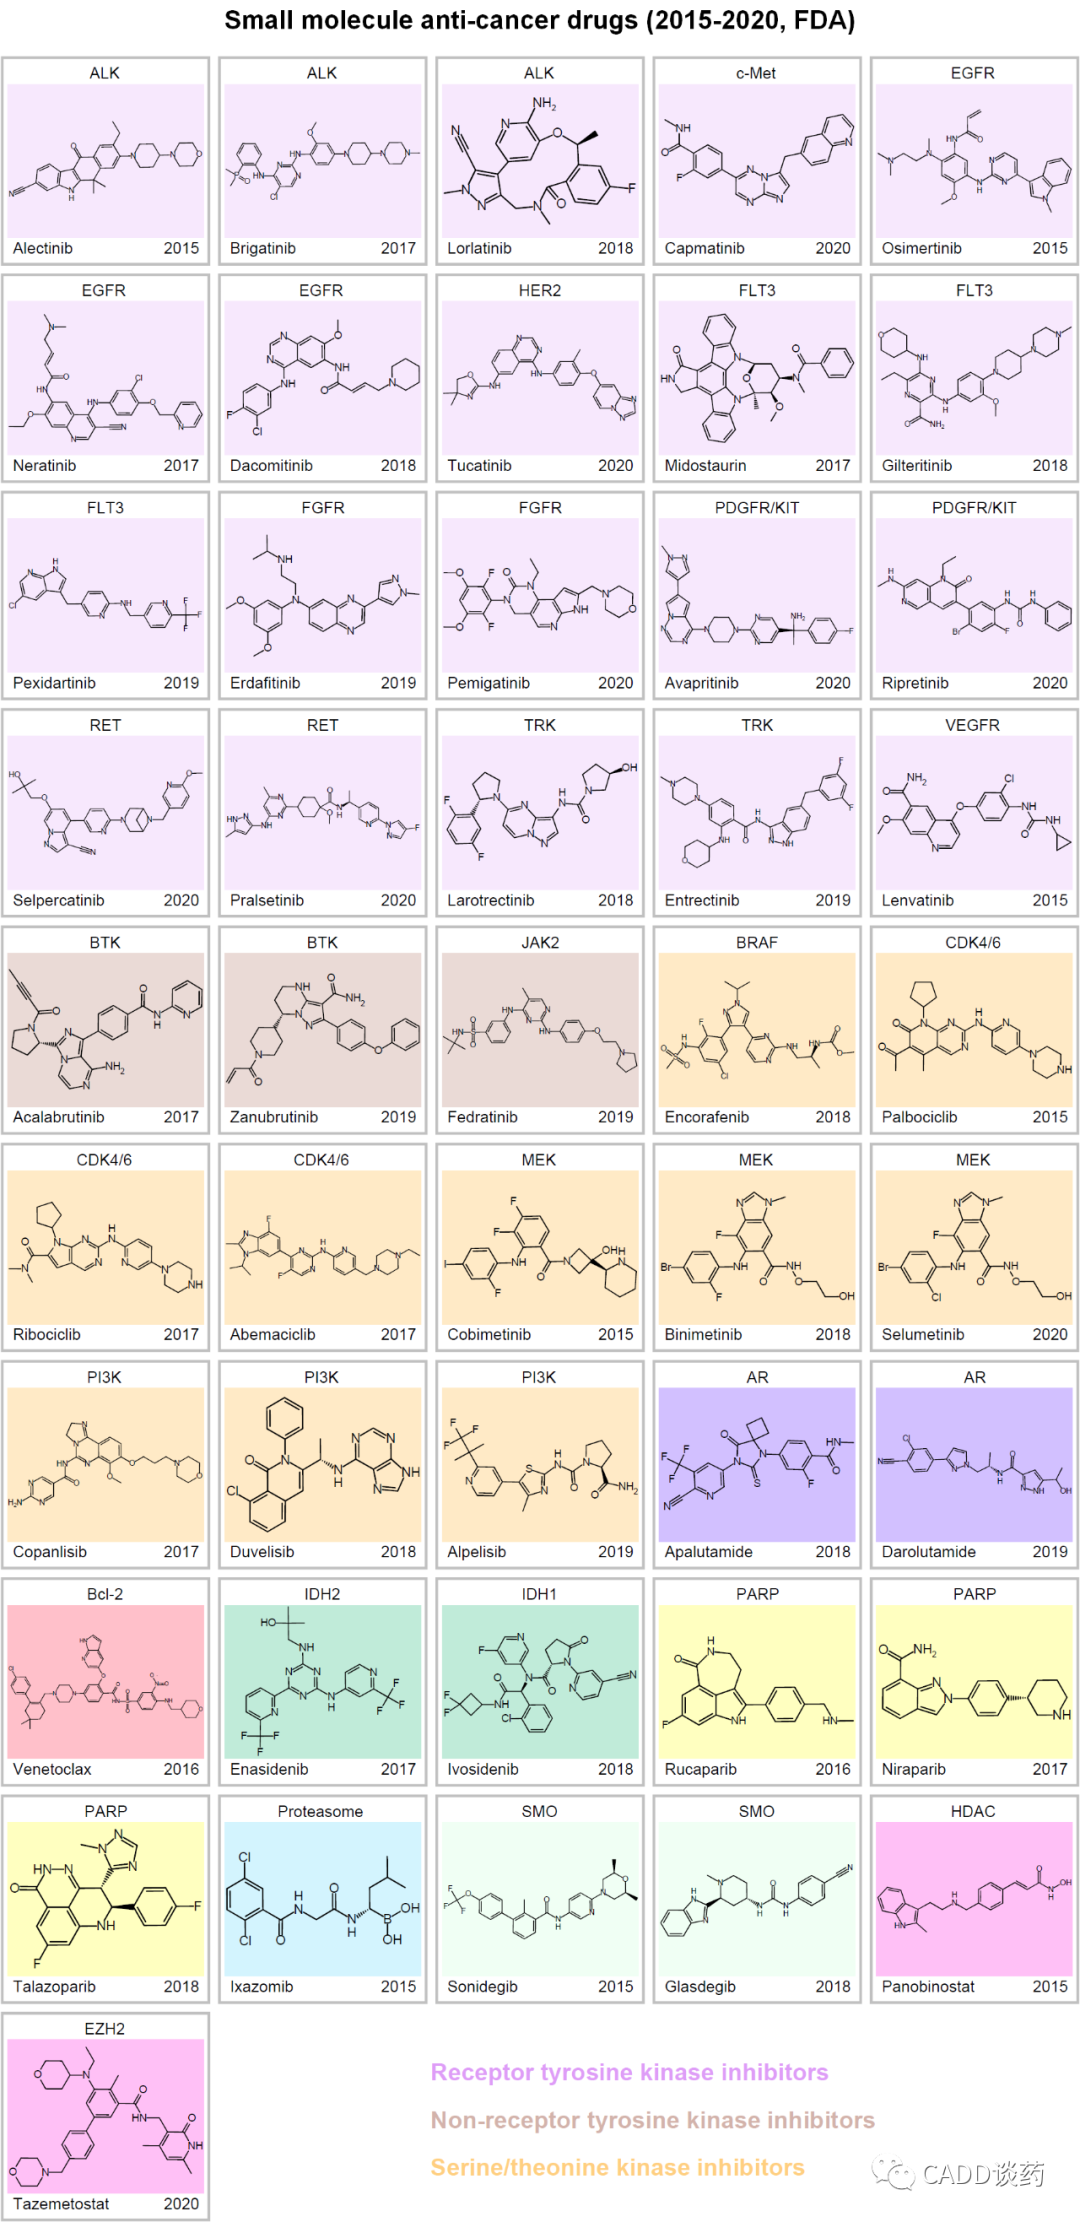 近5年获批的抗癌小分子新药和阿尔兹海默症新药Aducanumab